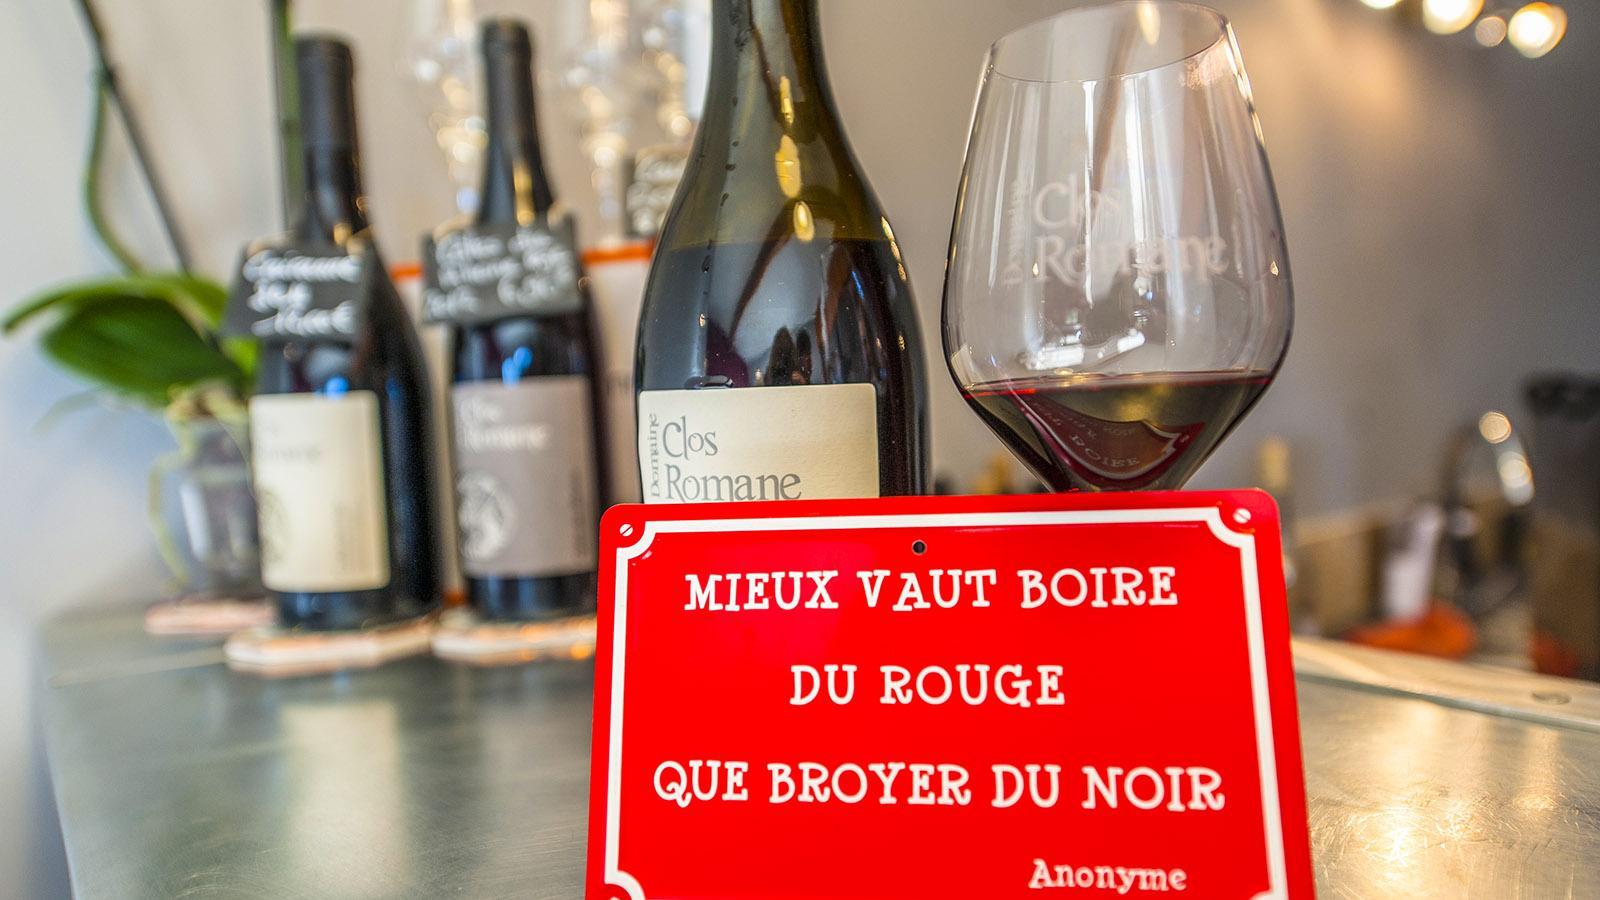 Côtes du Rhône: Sinnspruch bei der Kellerei Cairanne. Foto: Hilke Maunder!